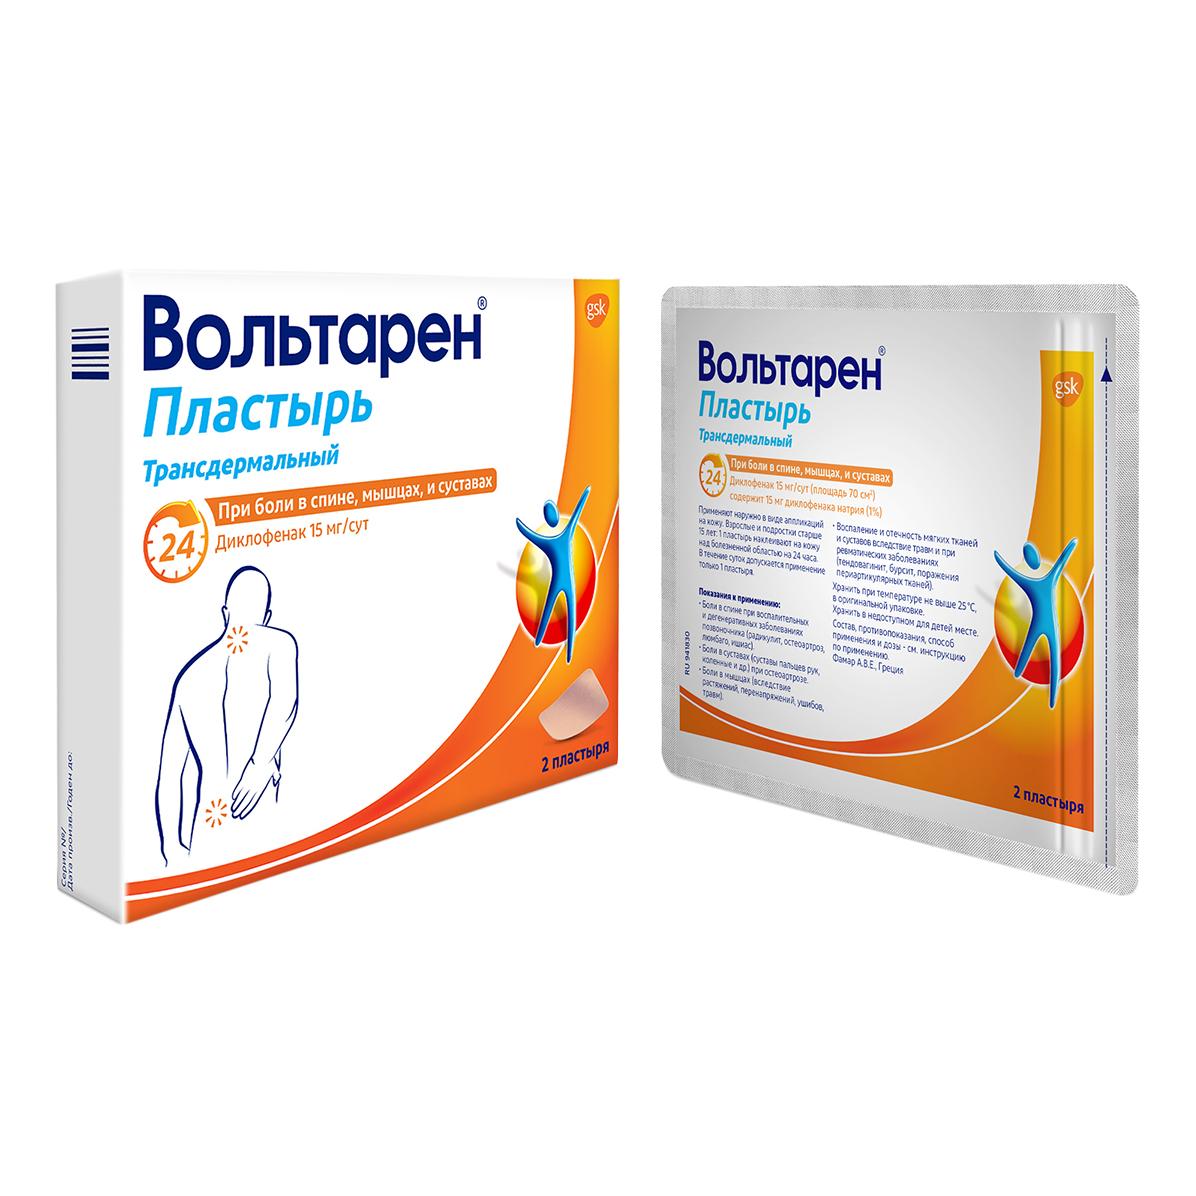 Вольтарен трансдермальный пластырь 15 мг/сутки 2 шт.